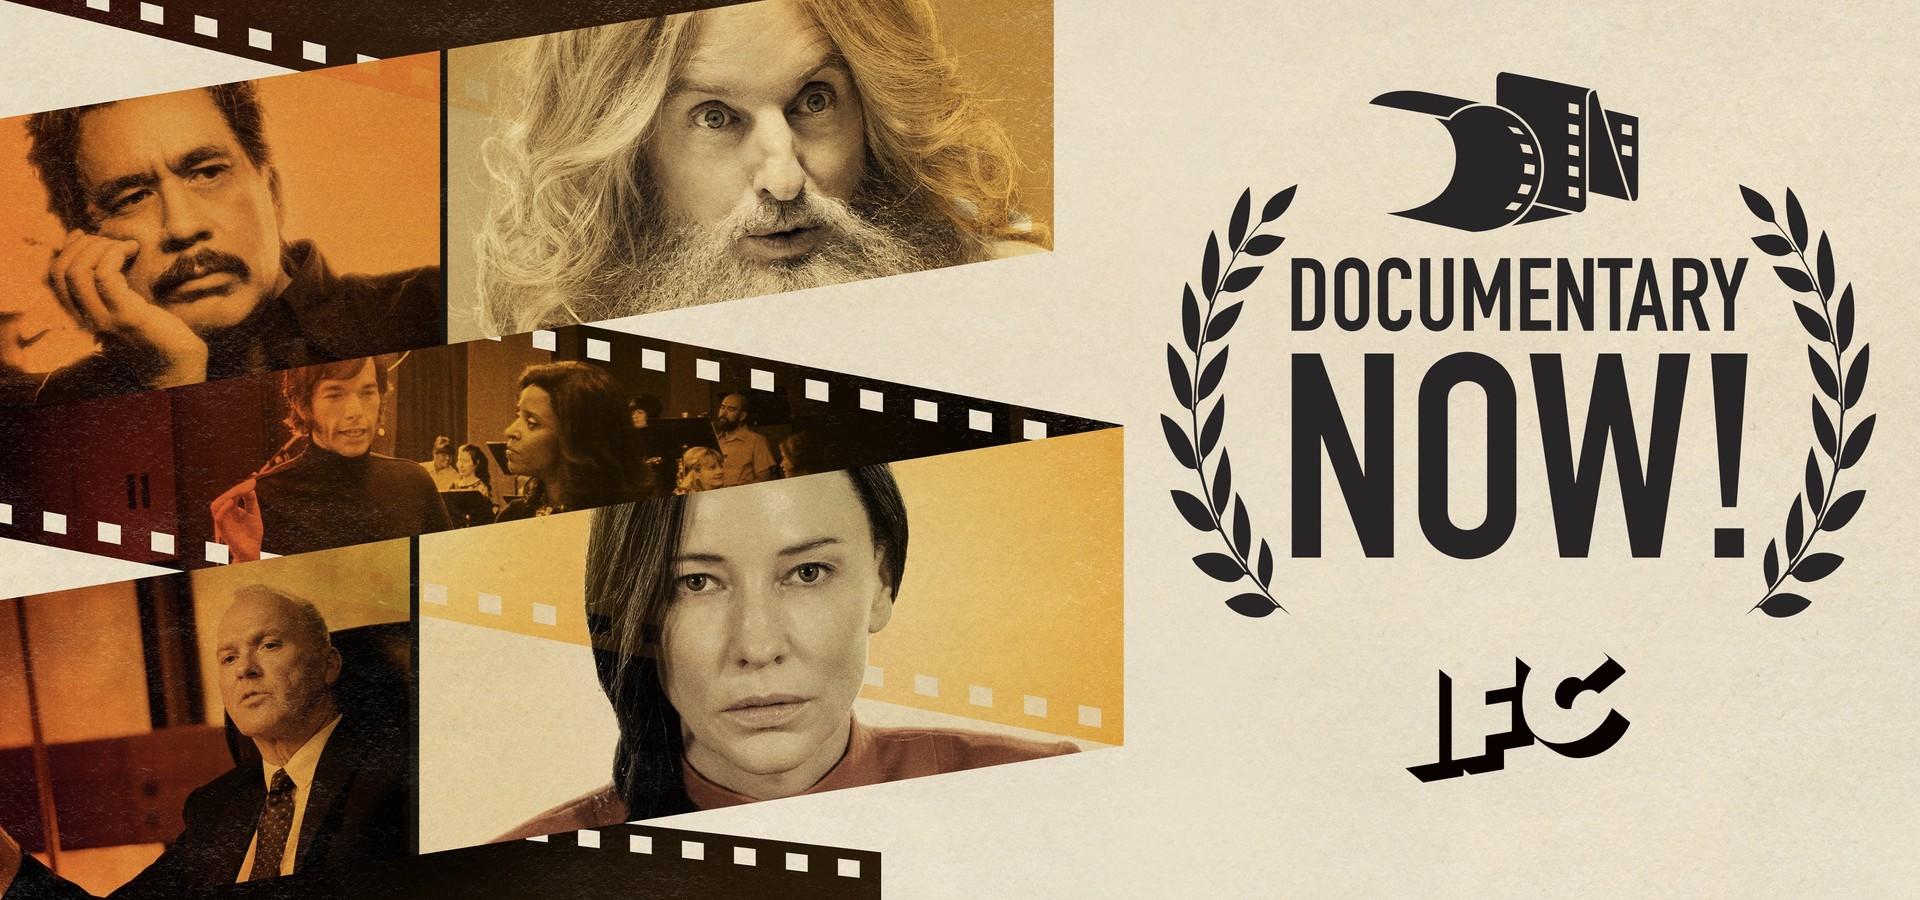 Documentary Now!